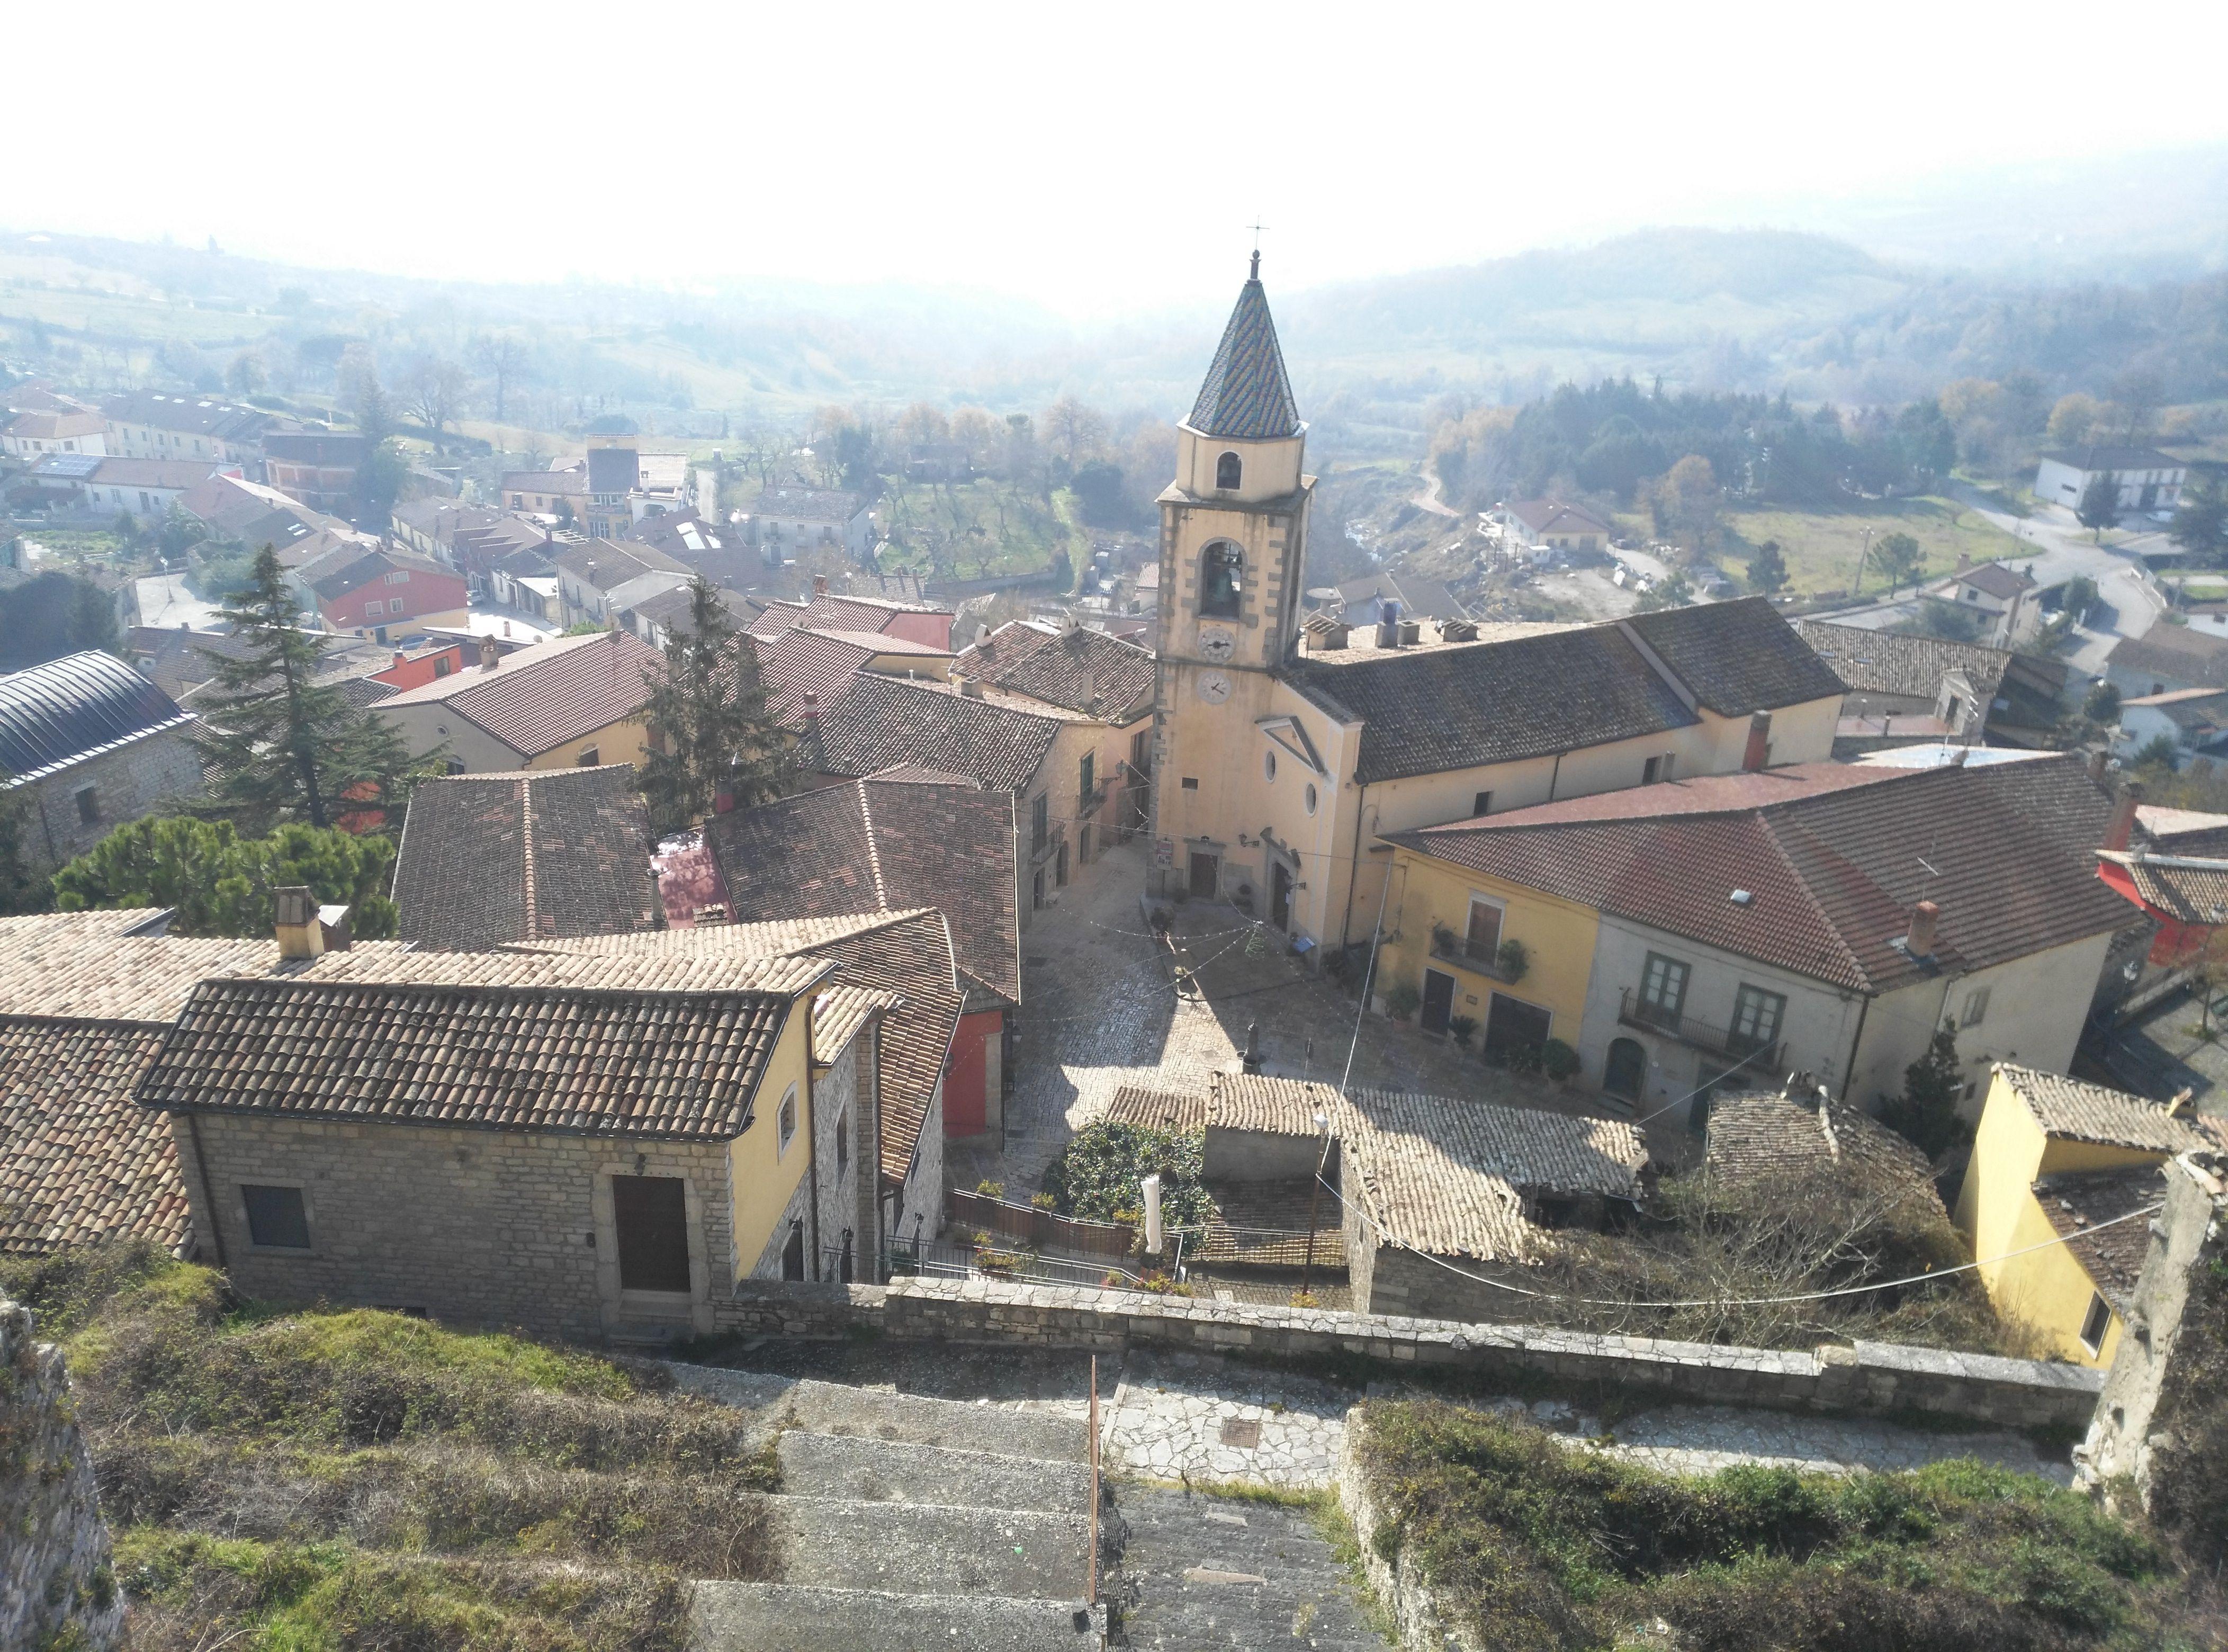 San Marco dei Cavoti, Benevento, Campania, Italia, 2016